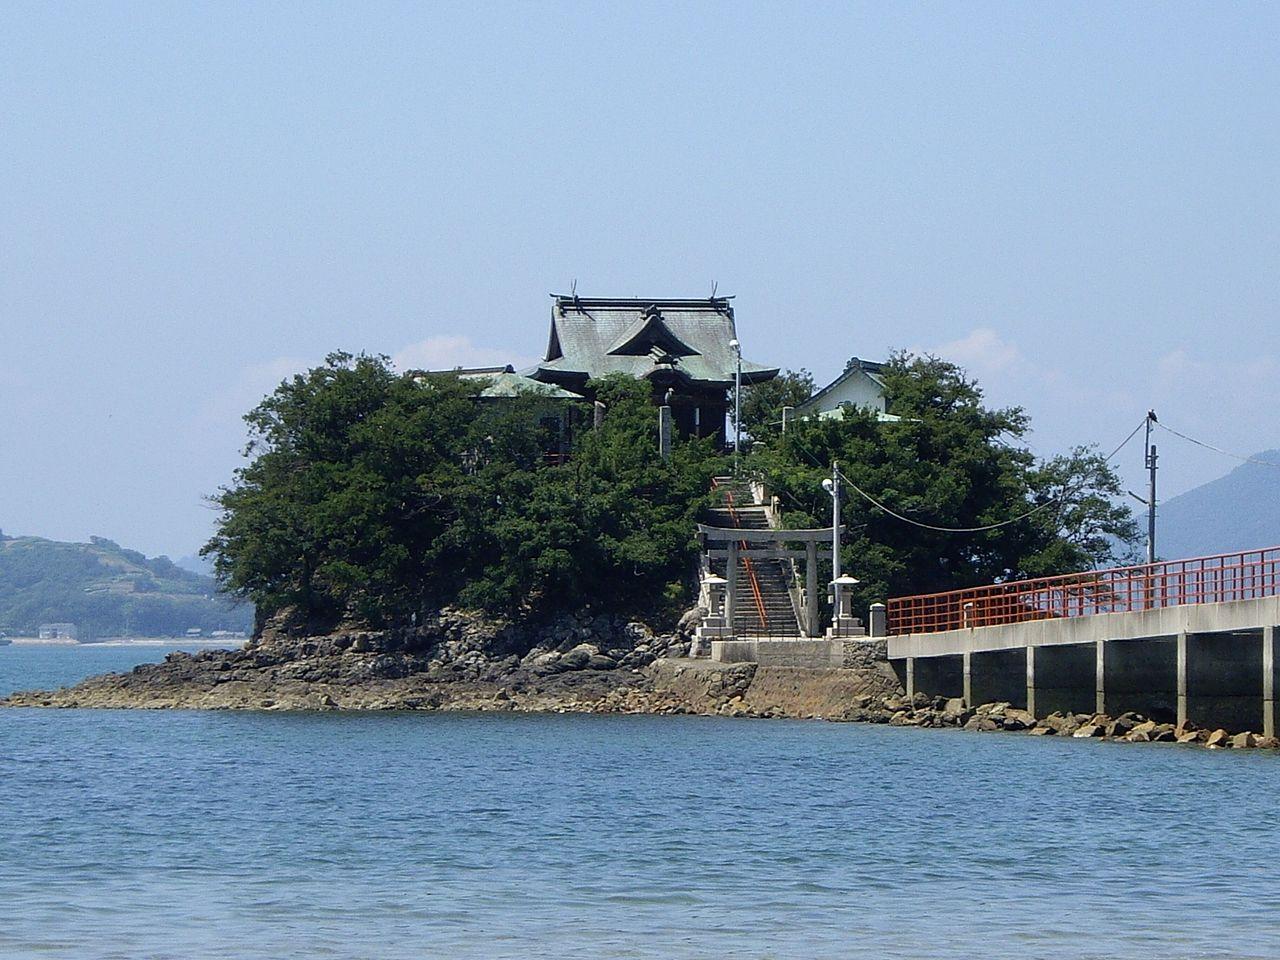 津島神社(香川県)のアクセスや御朱印とお守りについて!鉄道ファン必見?